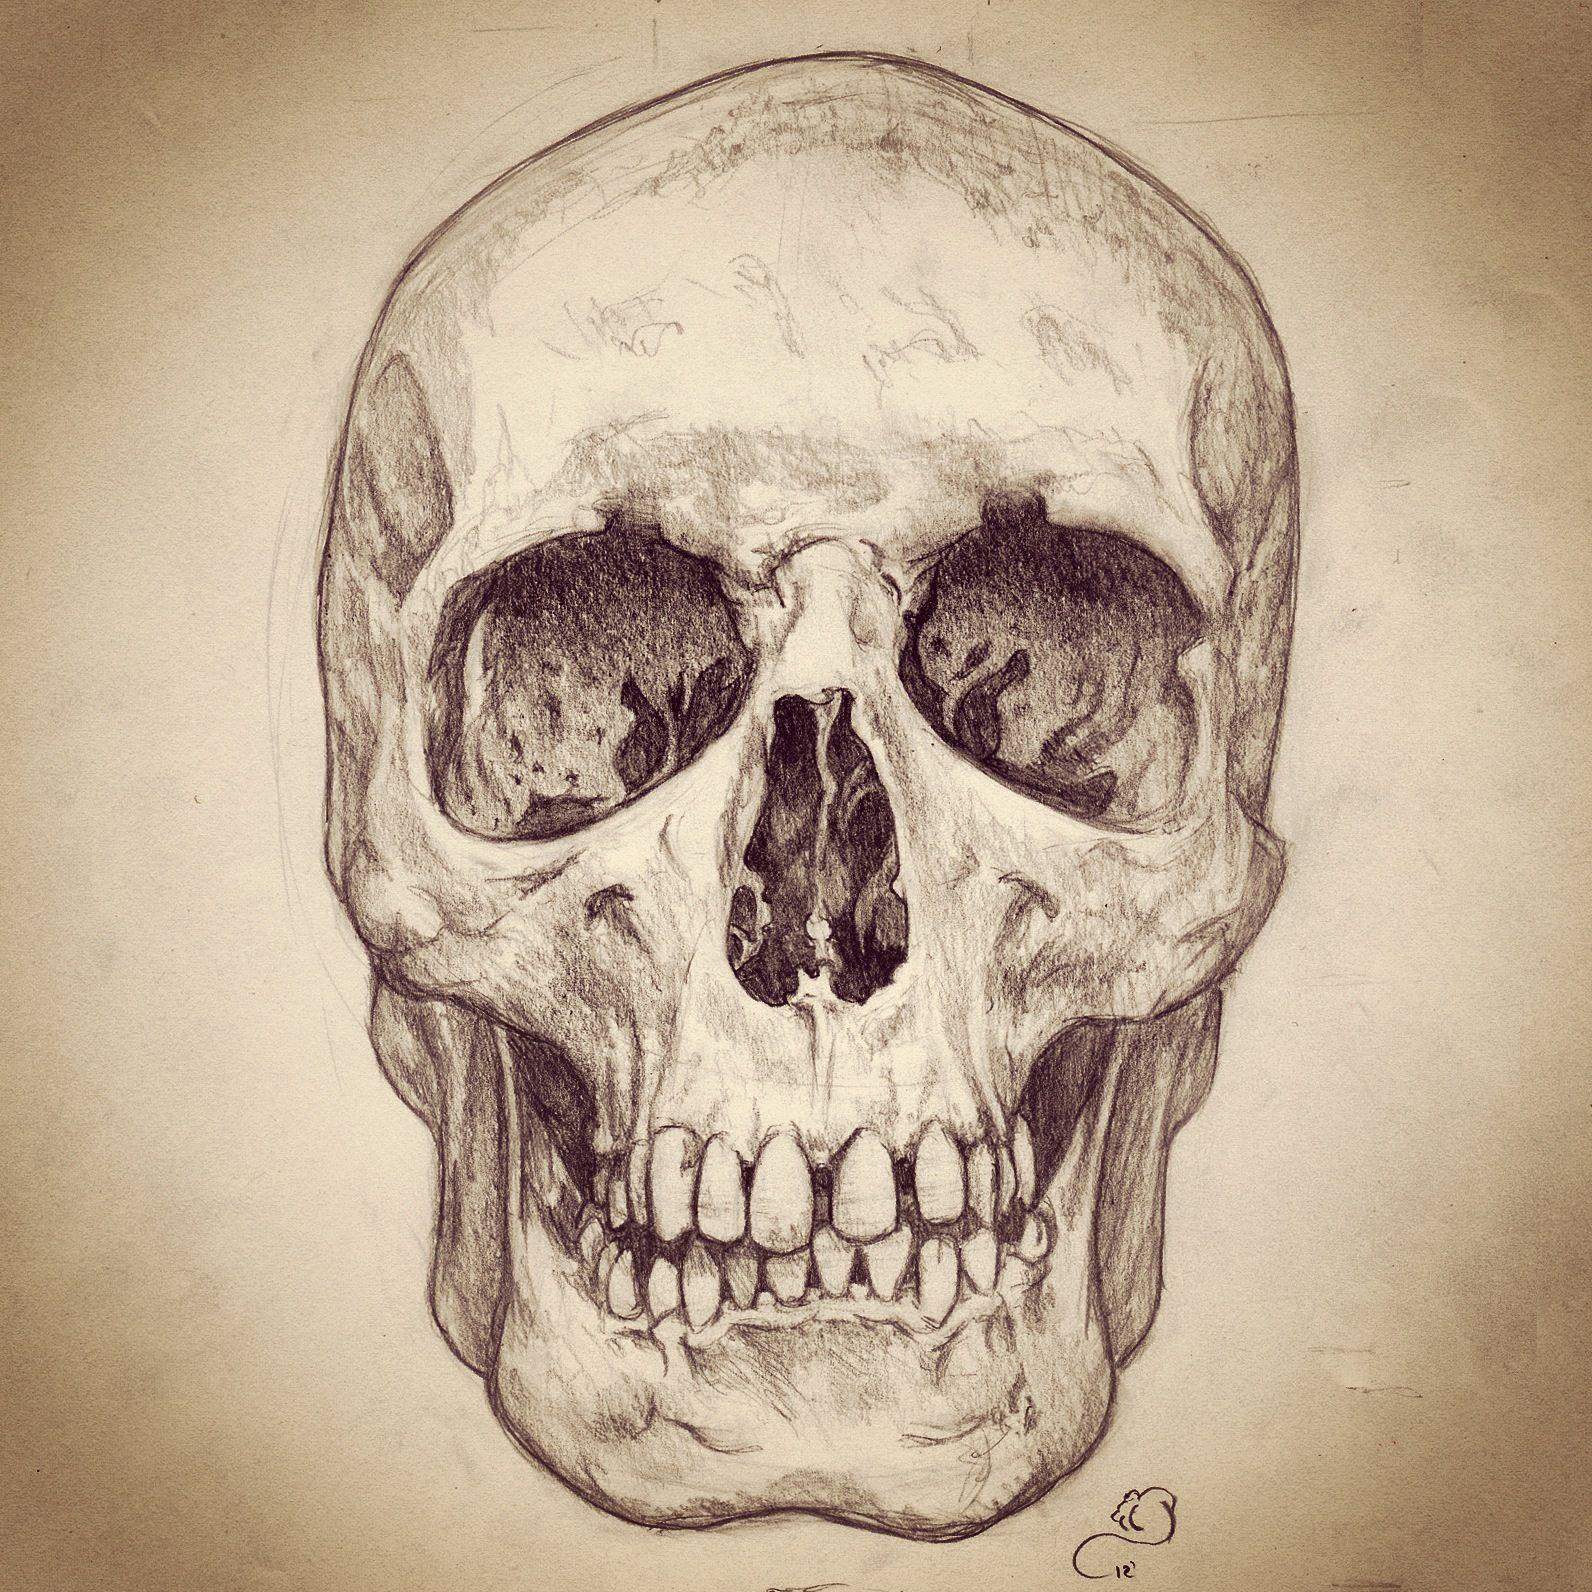 Pin By Tony Ha On Art Human Skull Drawing Skull Drawing Skull